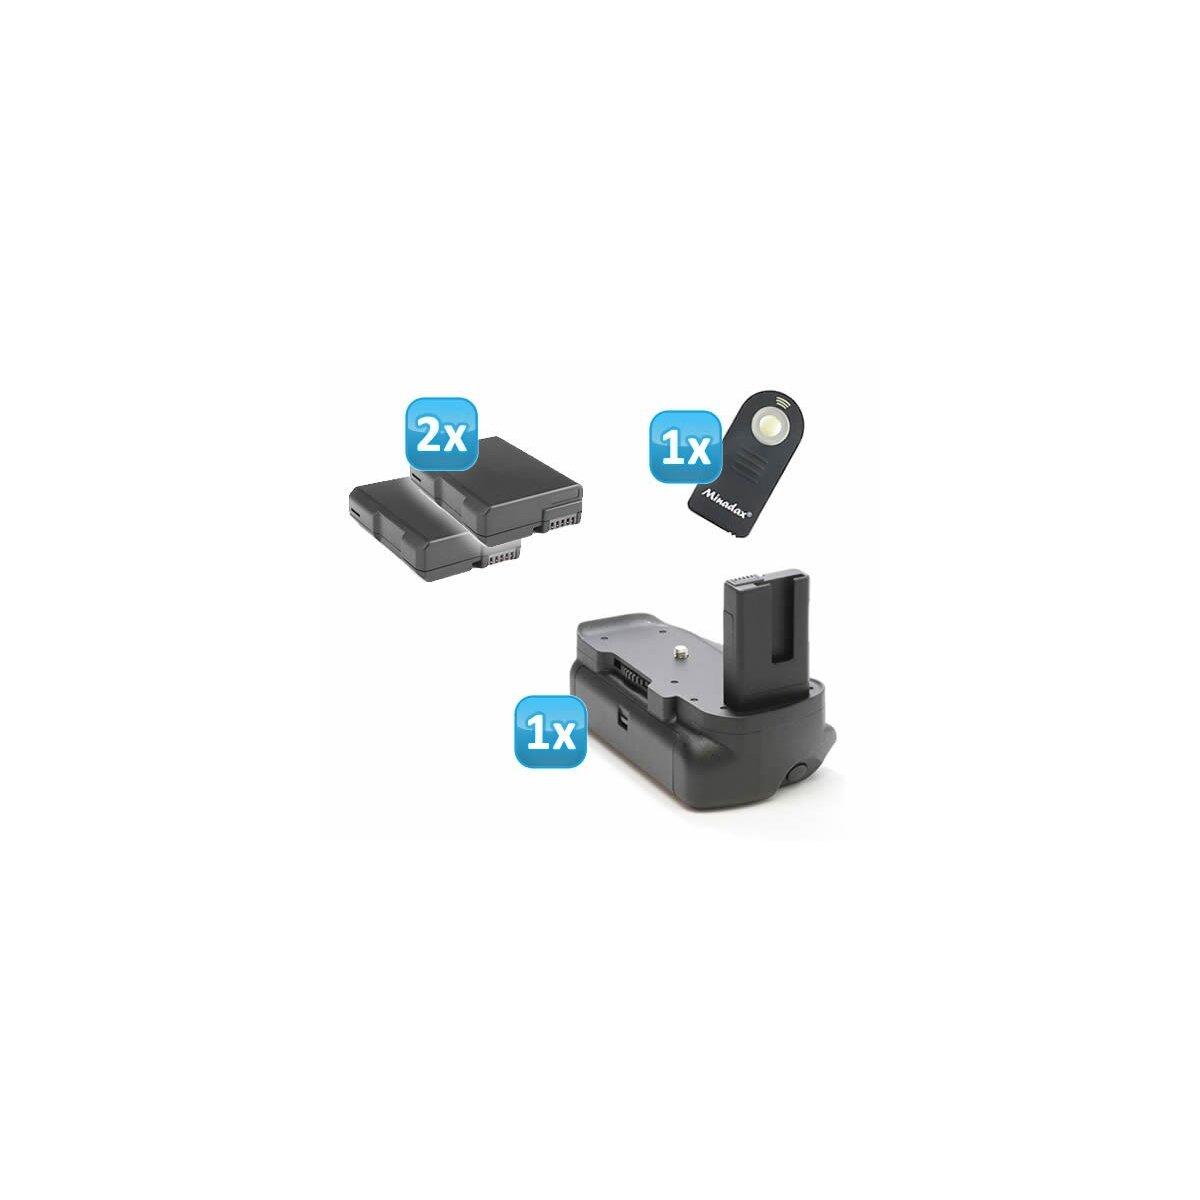 Minadax Profi Batteriegriff kompatibel mit Nikon D5300, D5200, D5100 inklusiv 2x EN-EL14 Nachbau-Akkus + 1x Infrarot Fernbedienung - hochwertiger Handgriff mit Hochformatauslöser